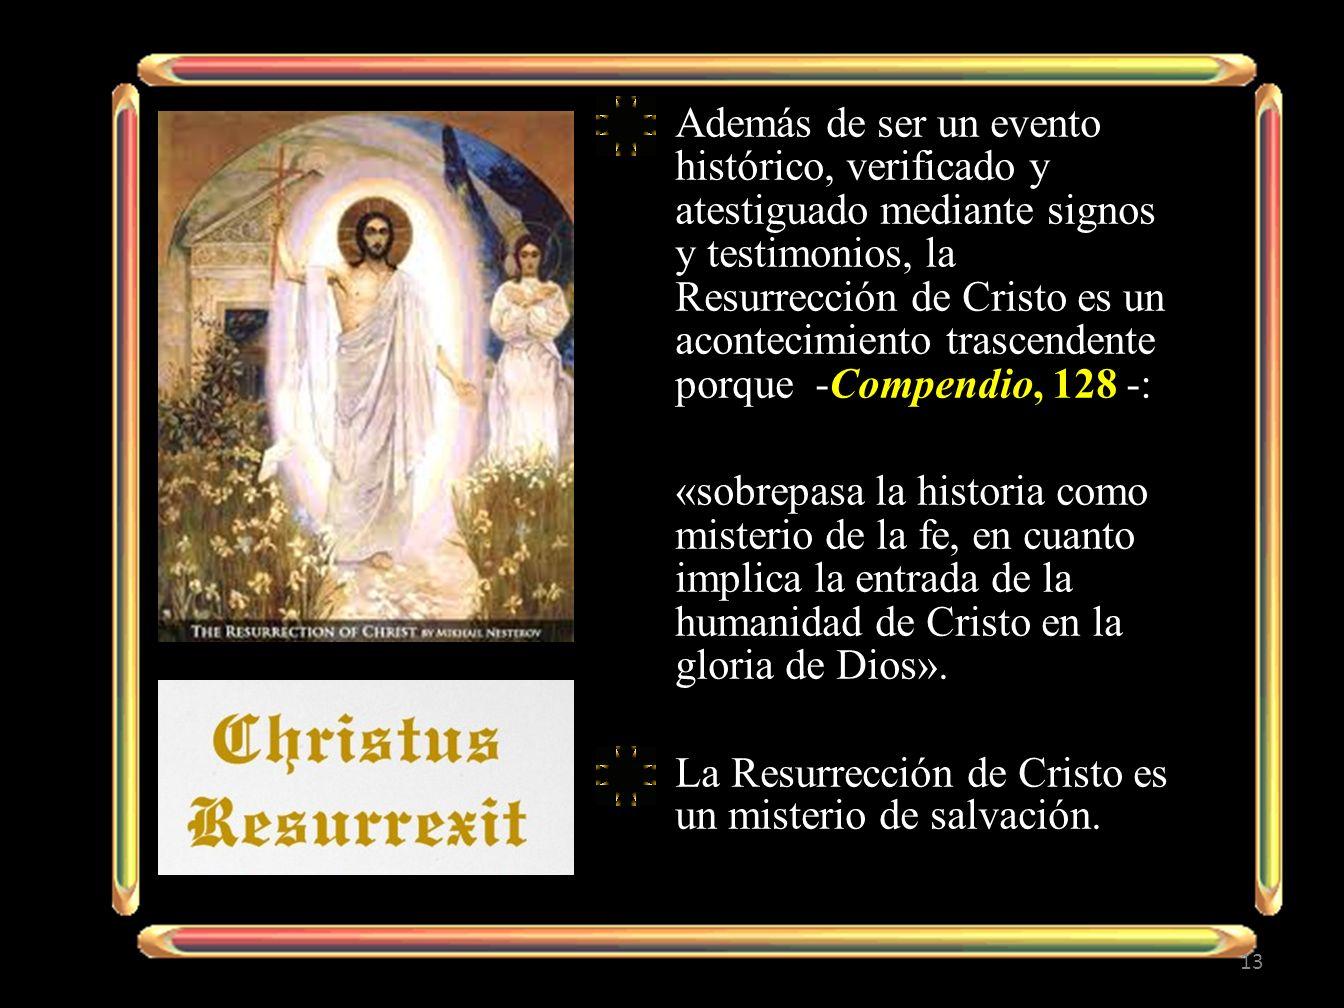 Además de ser un evento histórico, verificado y atestiguado mediante signos y testimonios, la Resurrección de Cristo es un acontecimiento trascendente